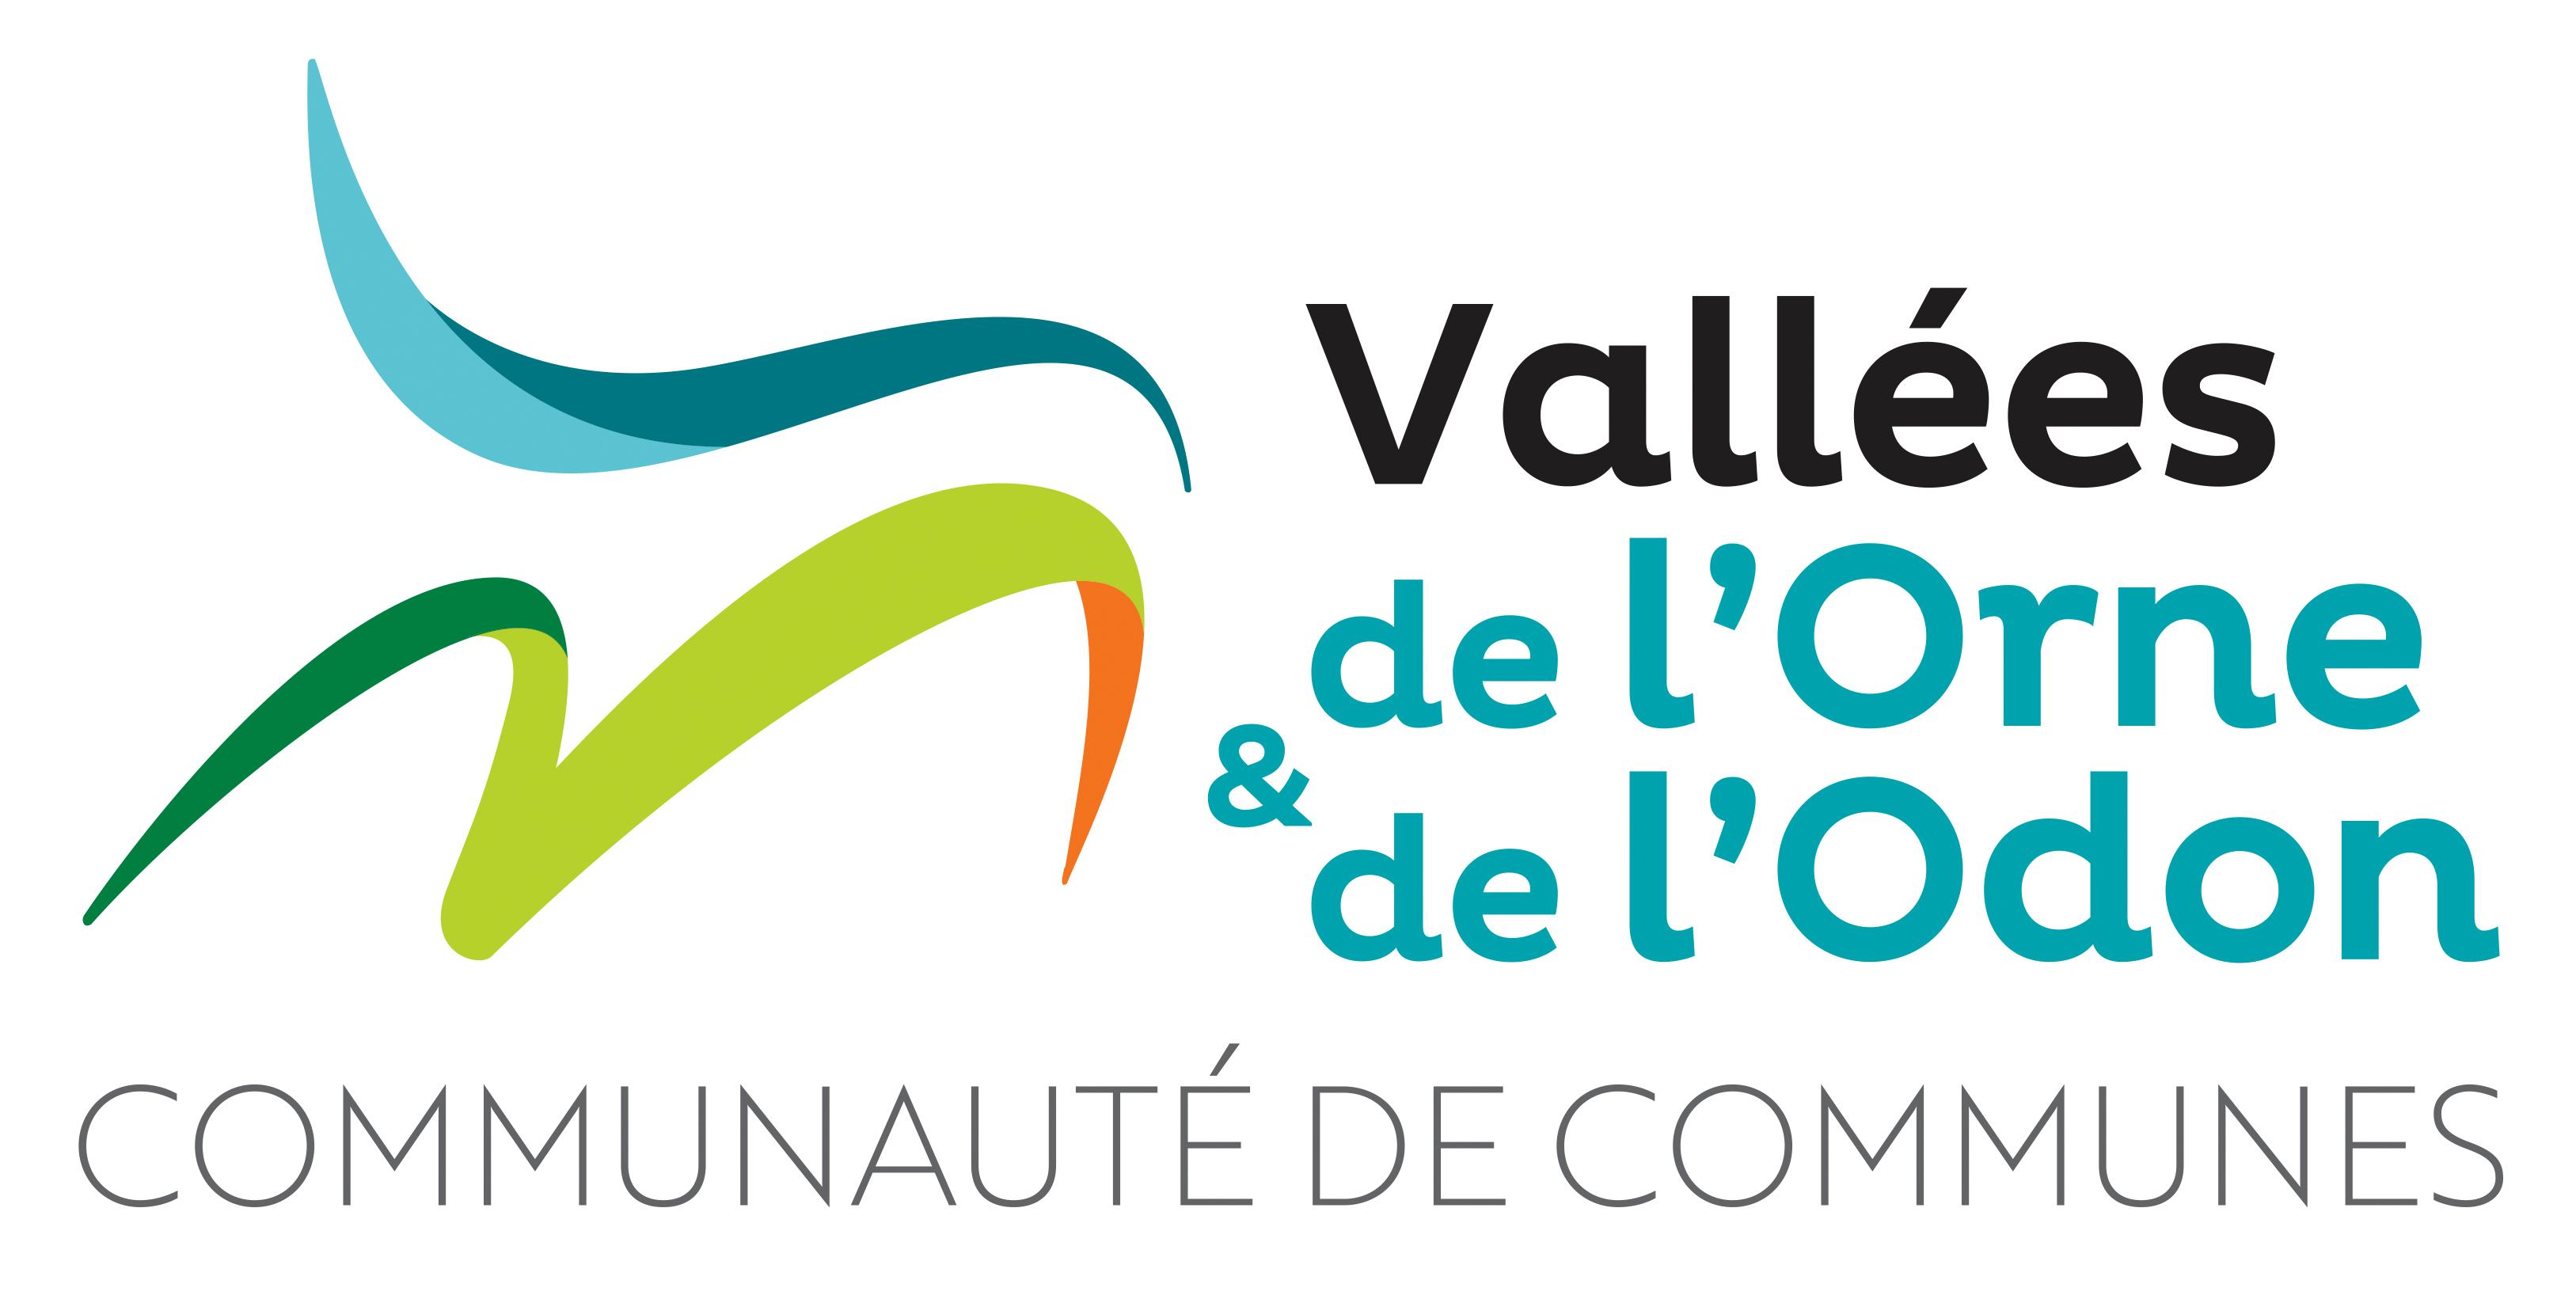 Cession, vente d'un hébergement et/ou équipement - Communauté de Communes Vallées de l'Orne et de l'Odon